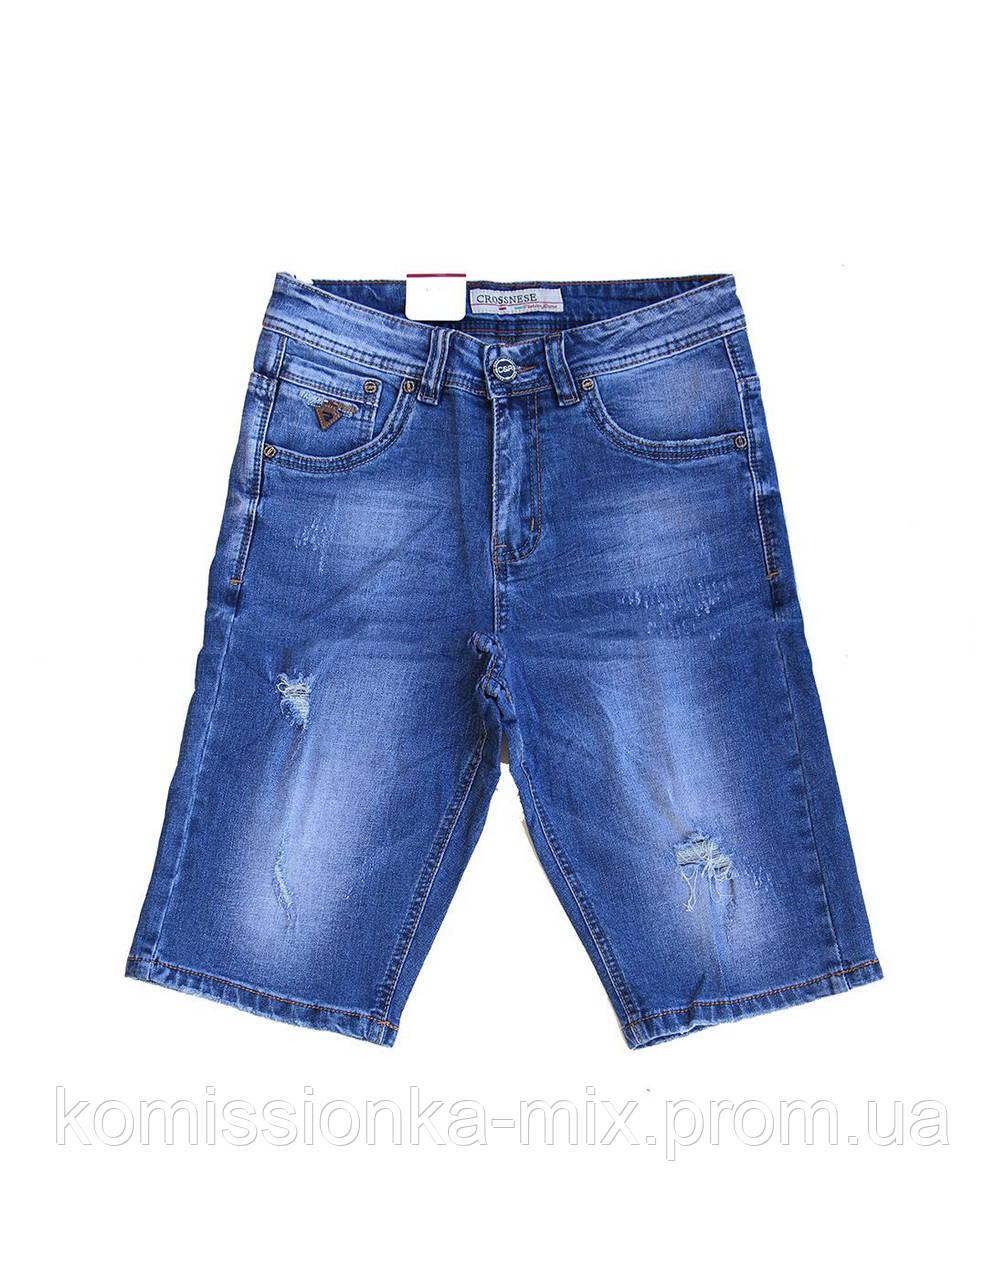 Шорты джинсовые рванки